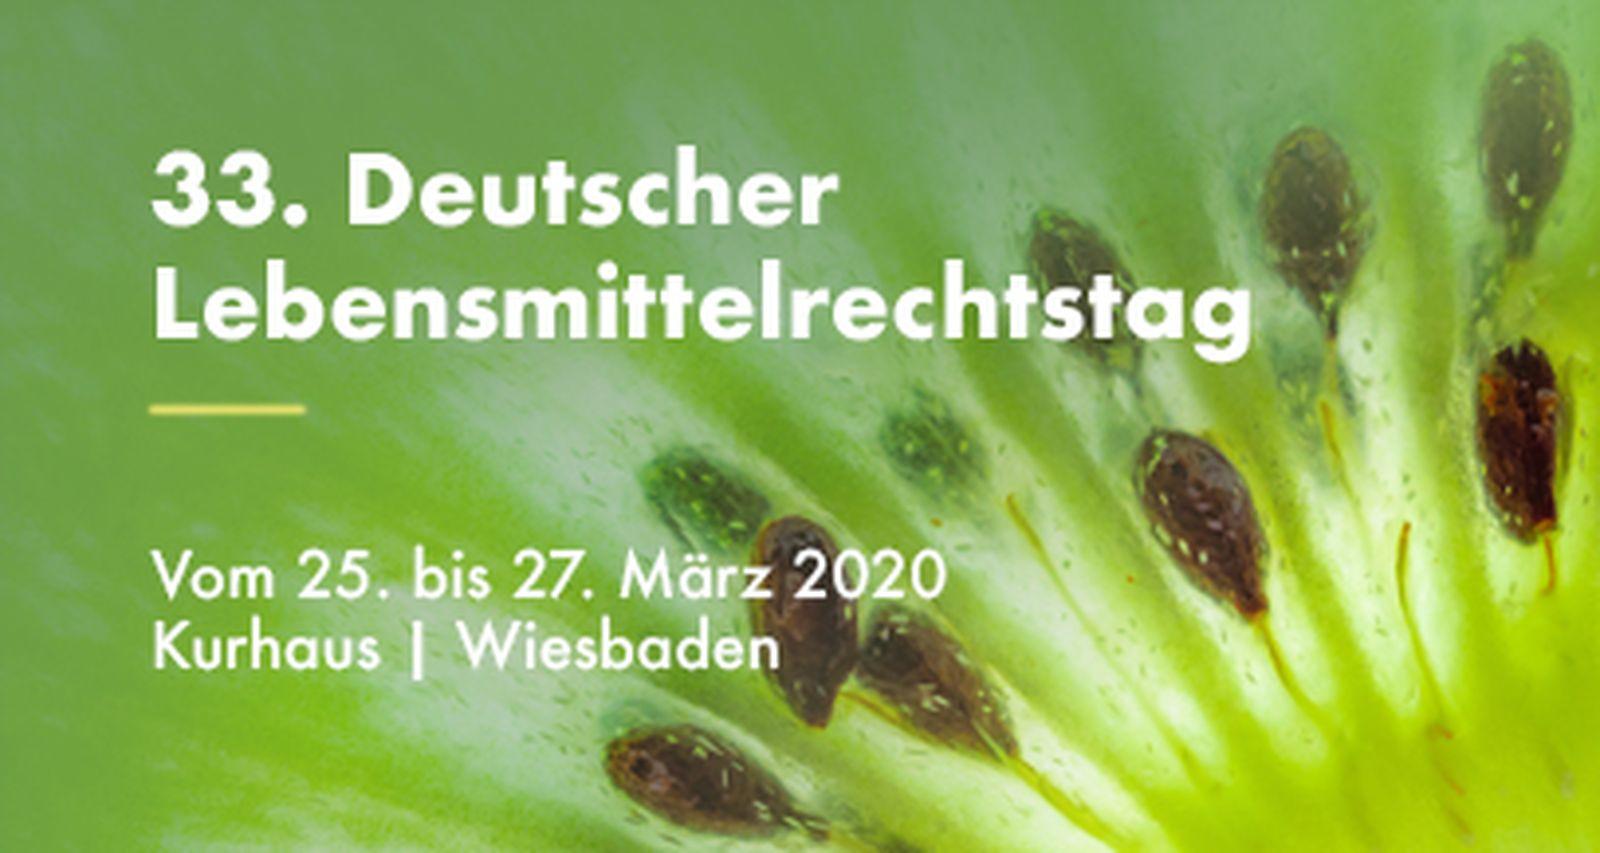 33. Deutscher Lebensmittelrechtstag